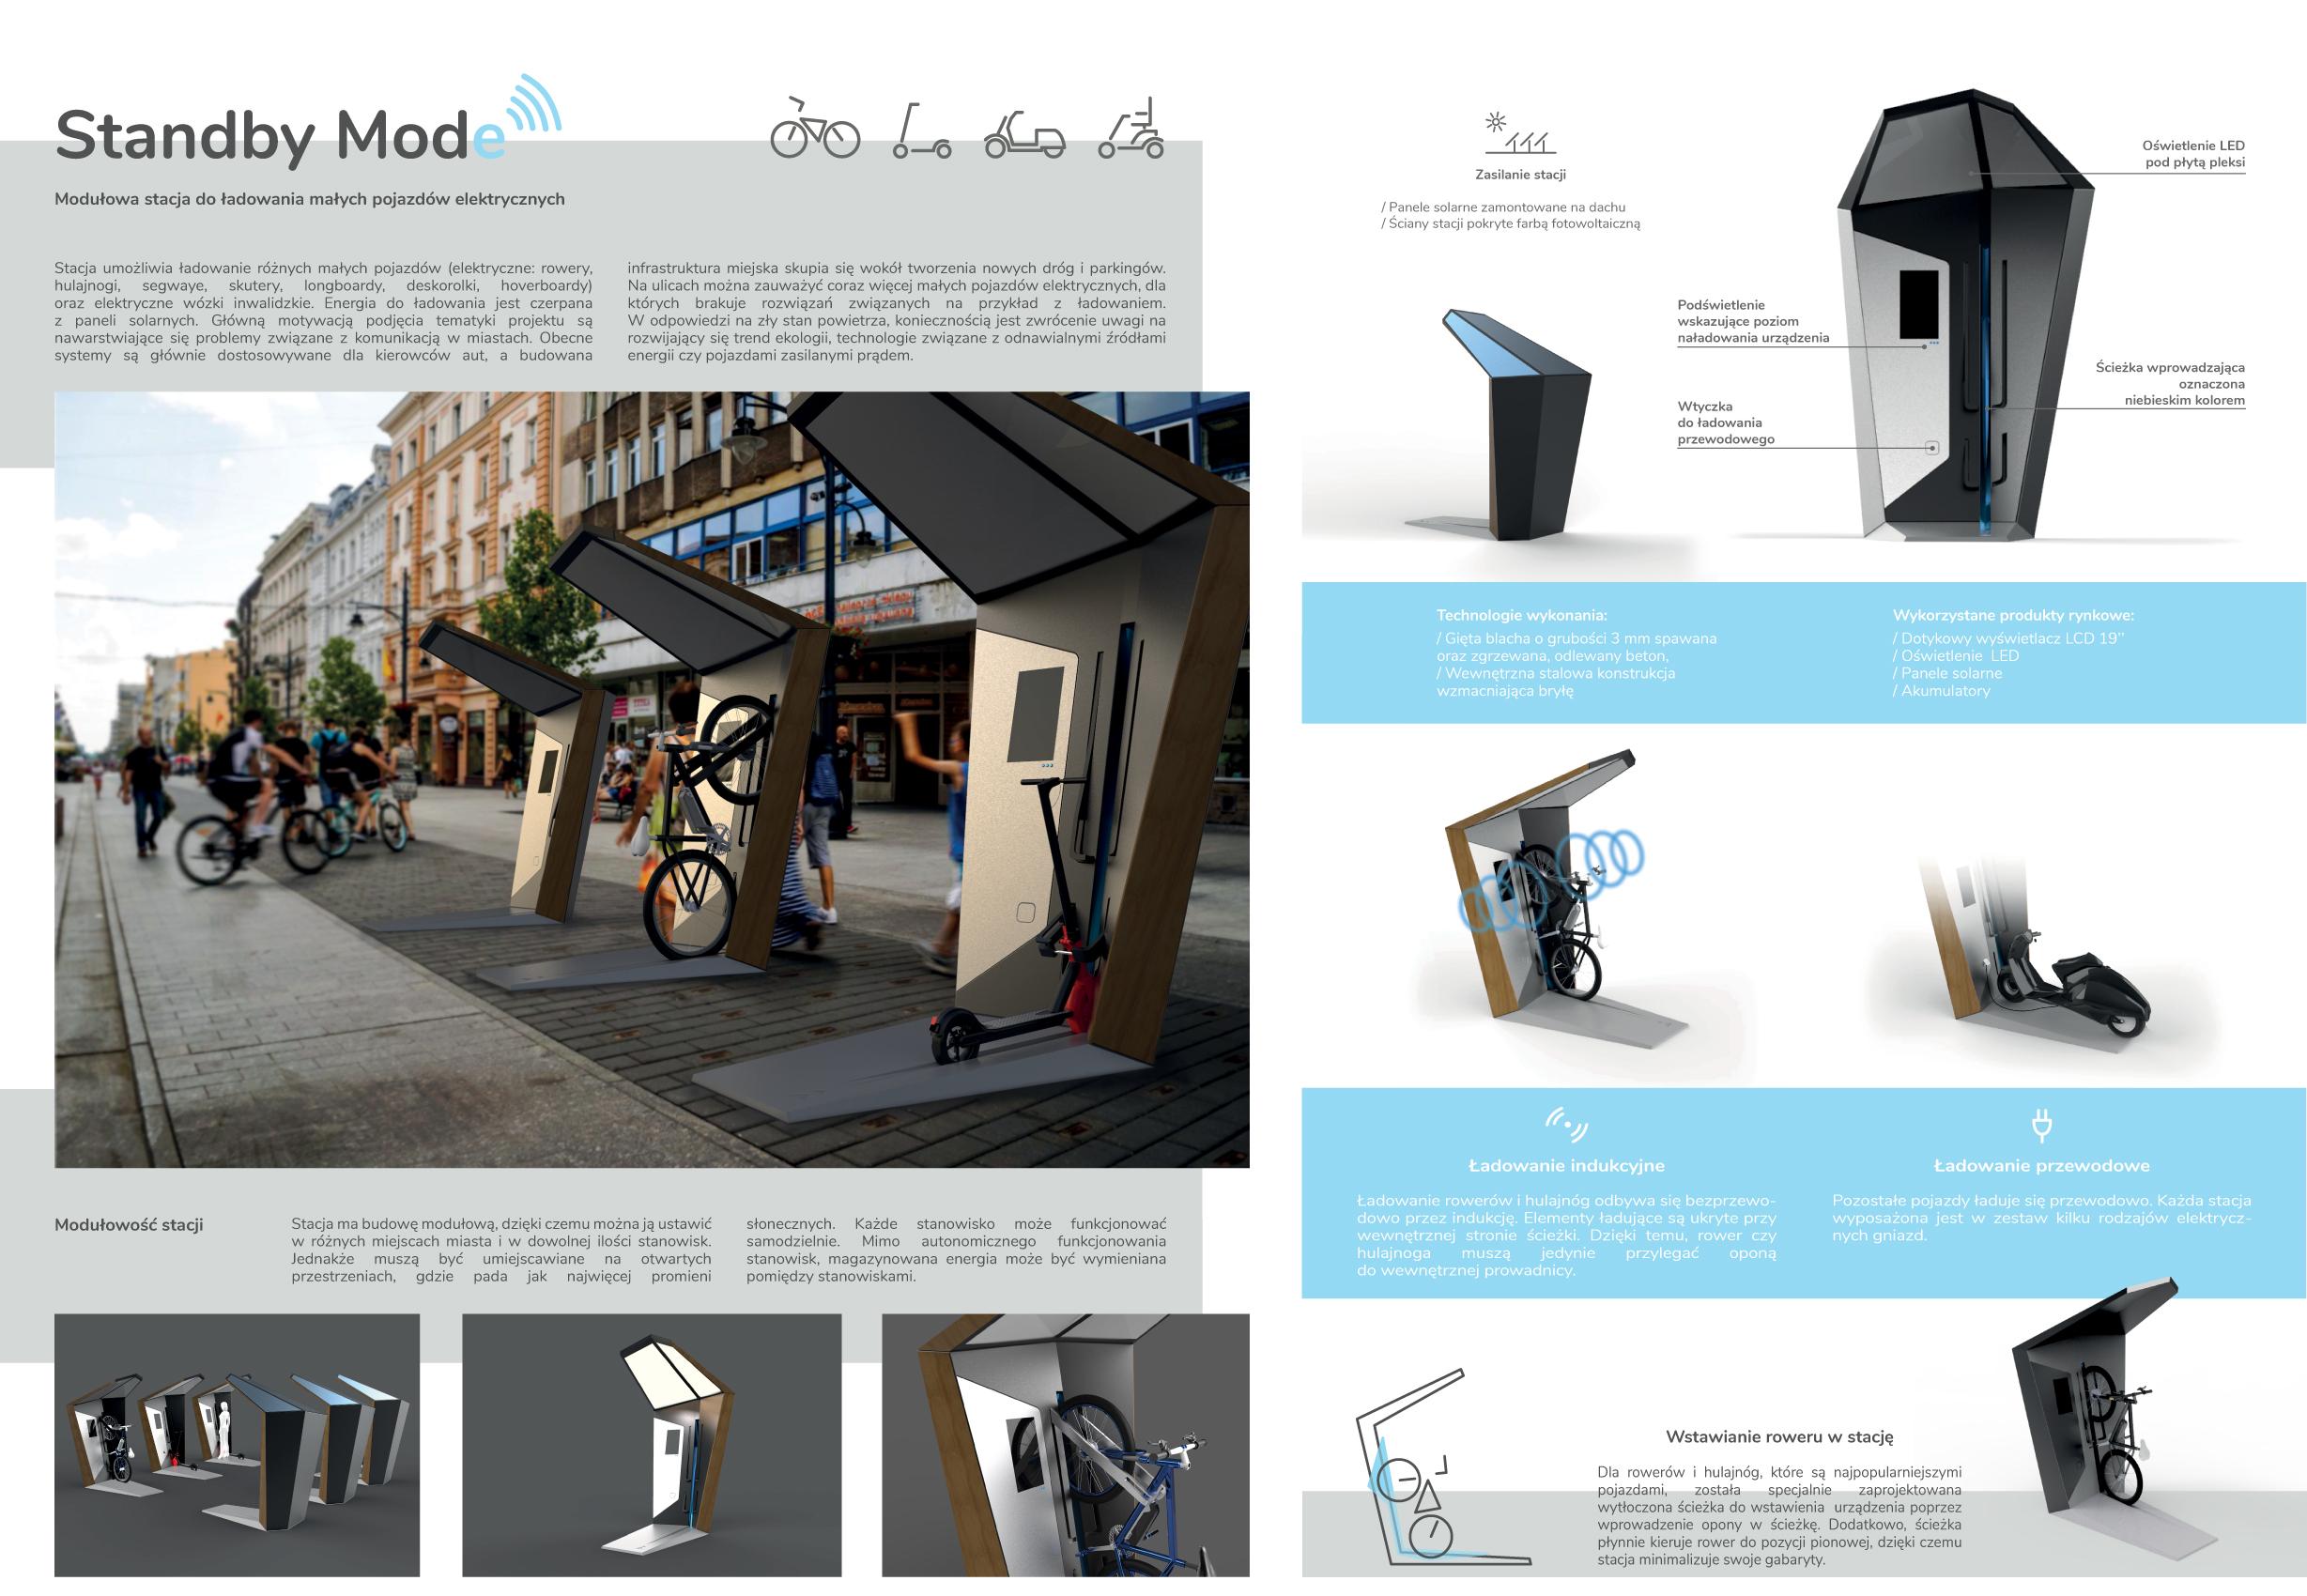 Standby Mode. Modułowa stacja do ładowania małych pojazdów elektrycznych